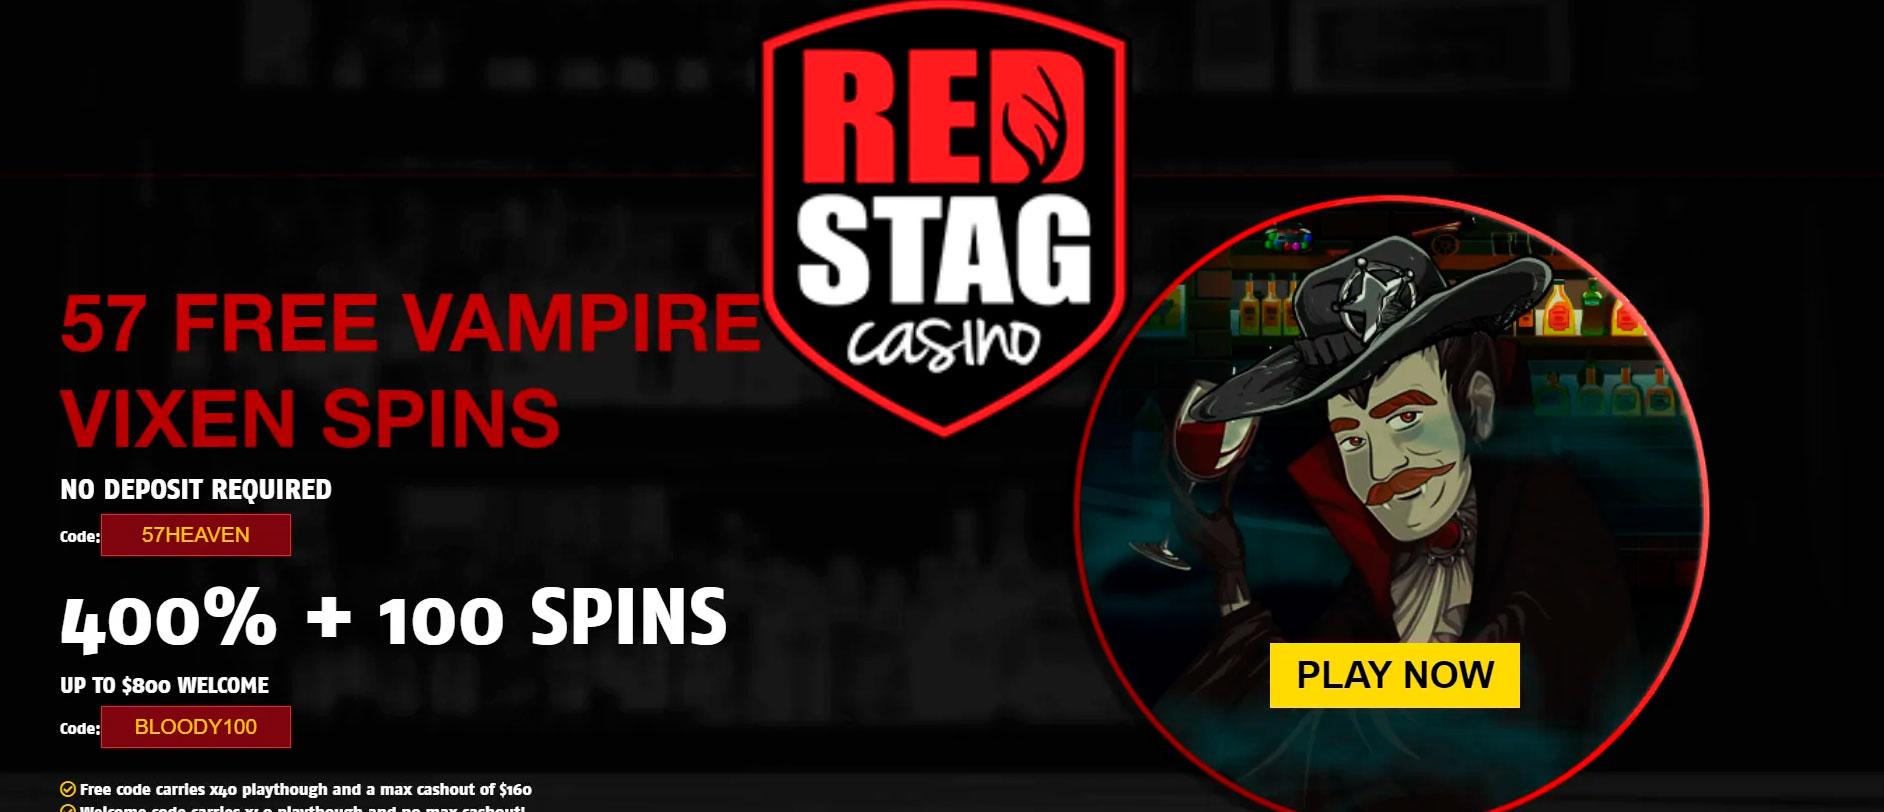 Red Stag Bonus